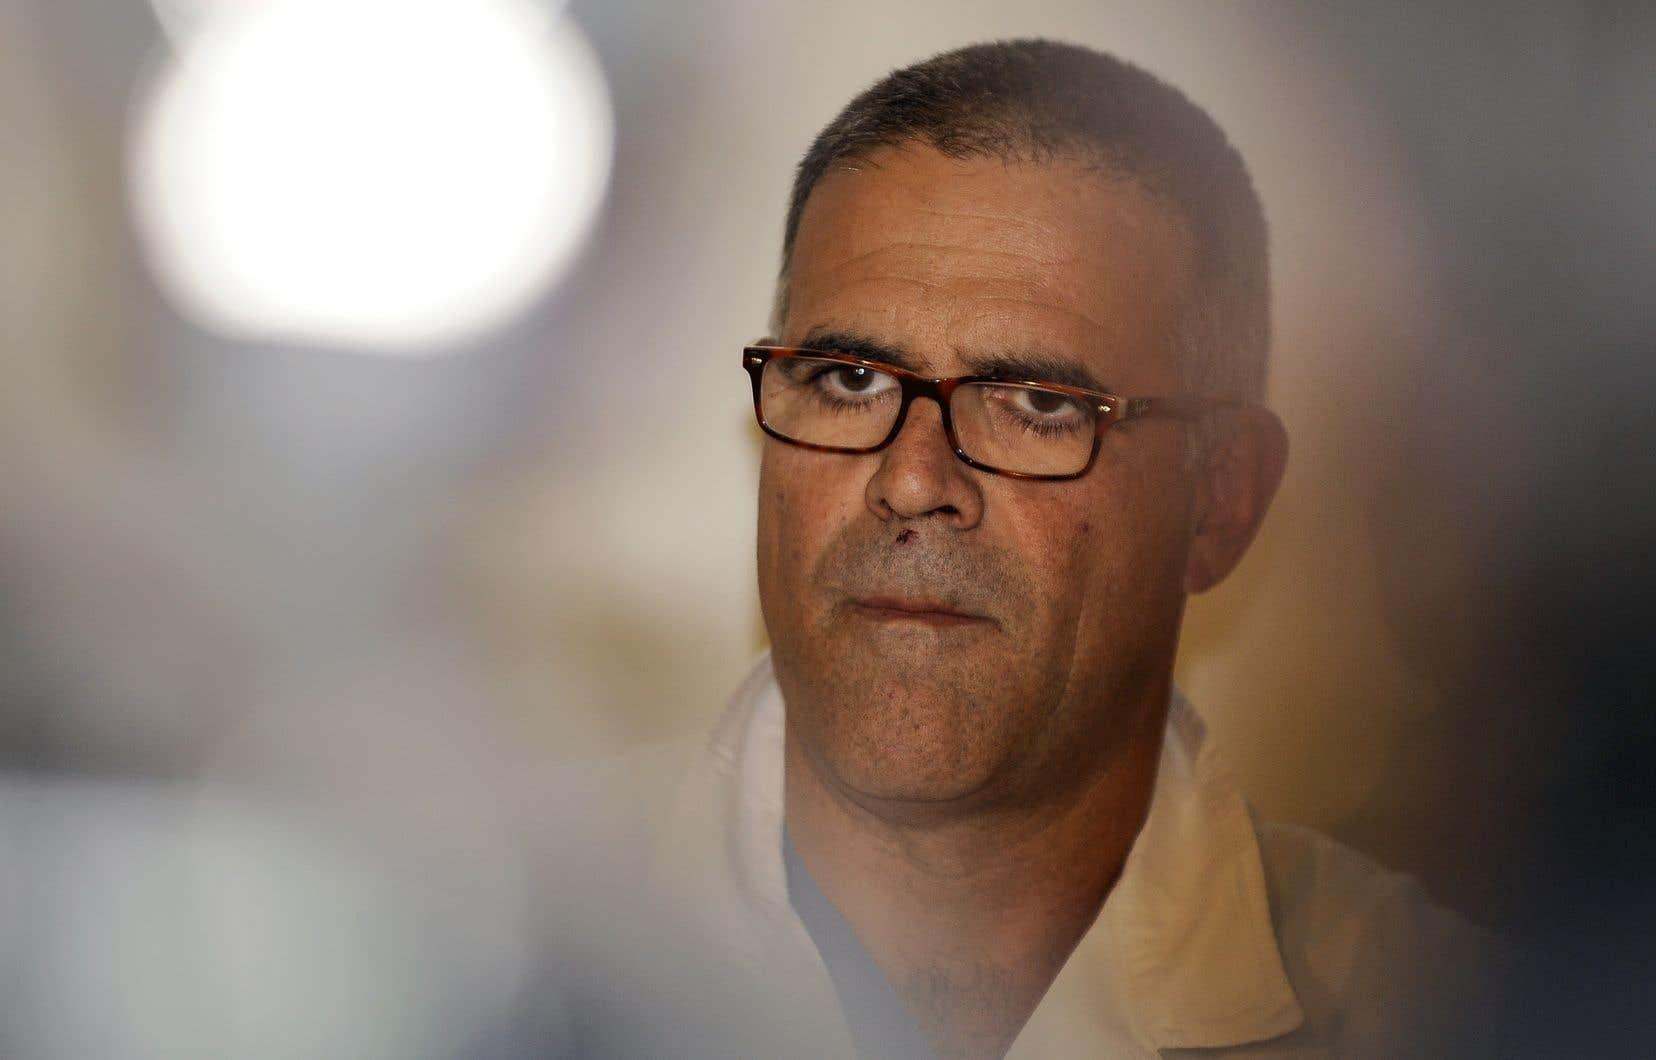 Alberto Zangrillo, directeur de l'Hôpital San Raffaele, à Milan, a déclaré que les prélèvements effectués au cours des deux dernières semaines chez des personnes infectées ne révélaient que d'infinitésimales quantités de virus.